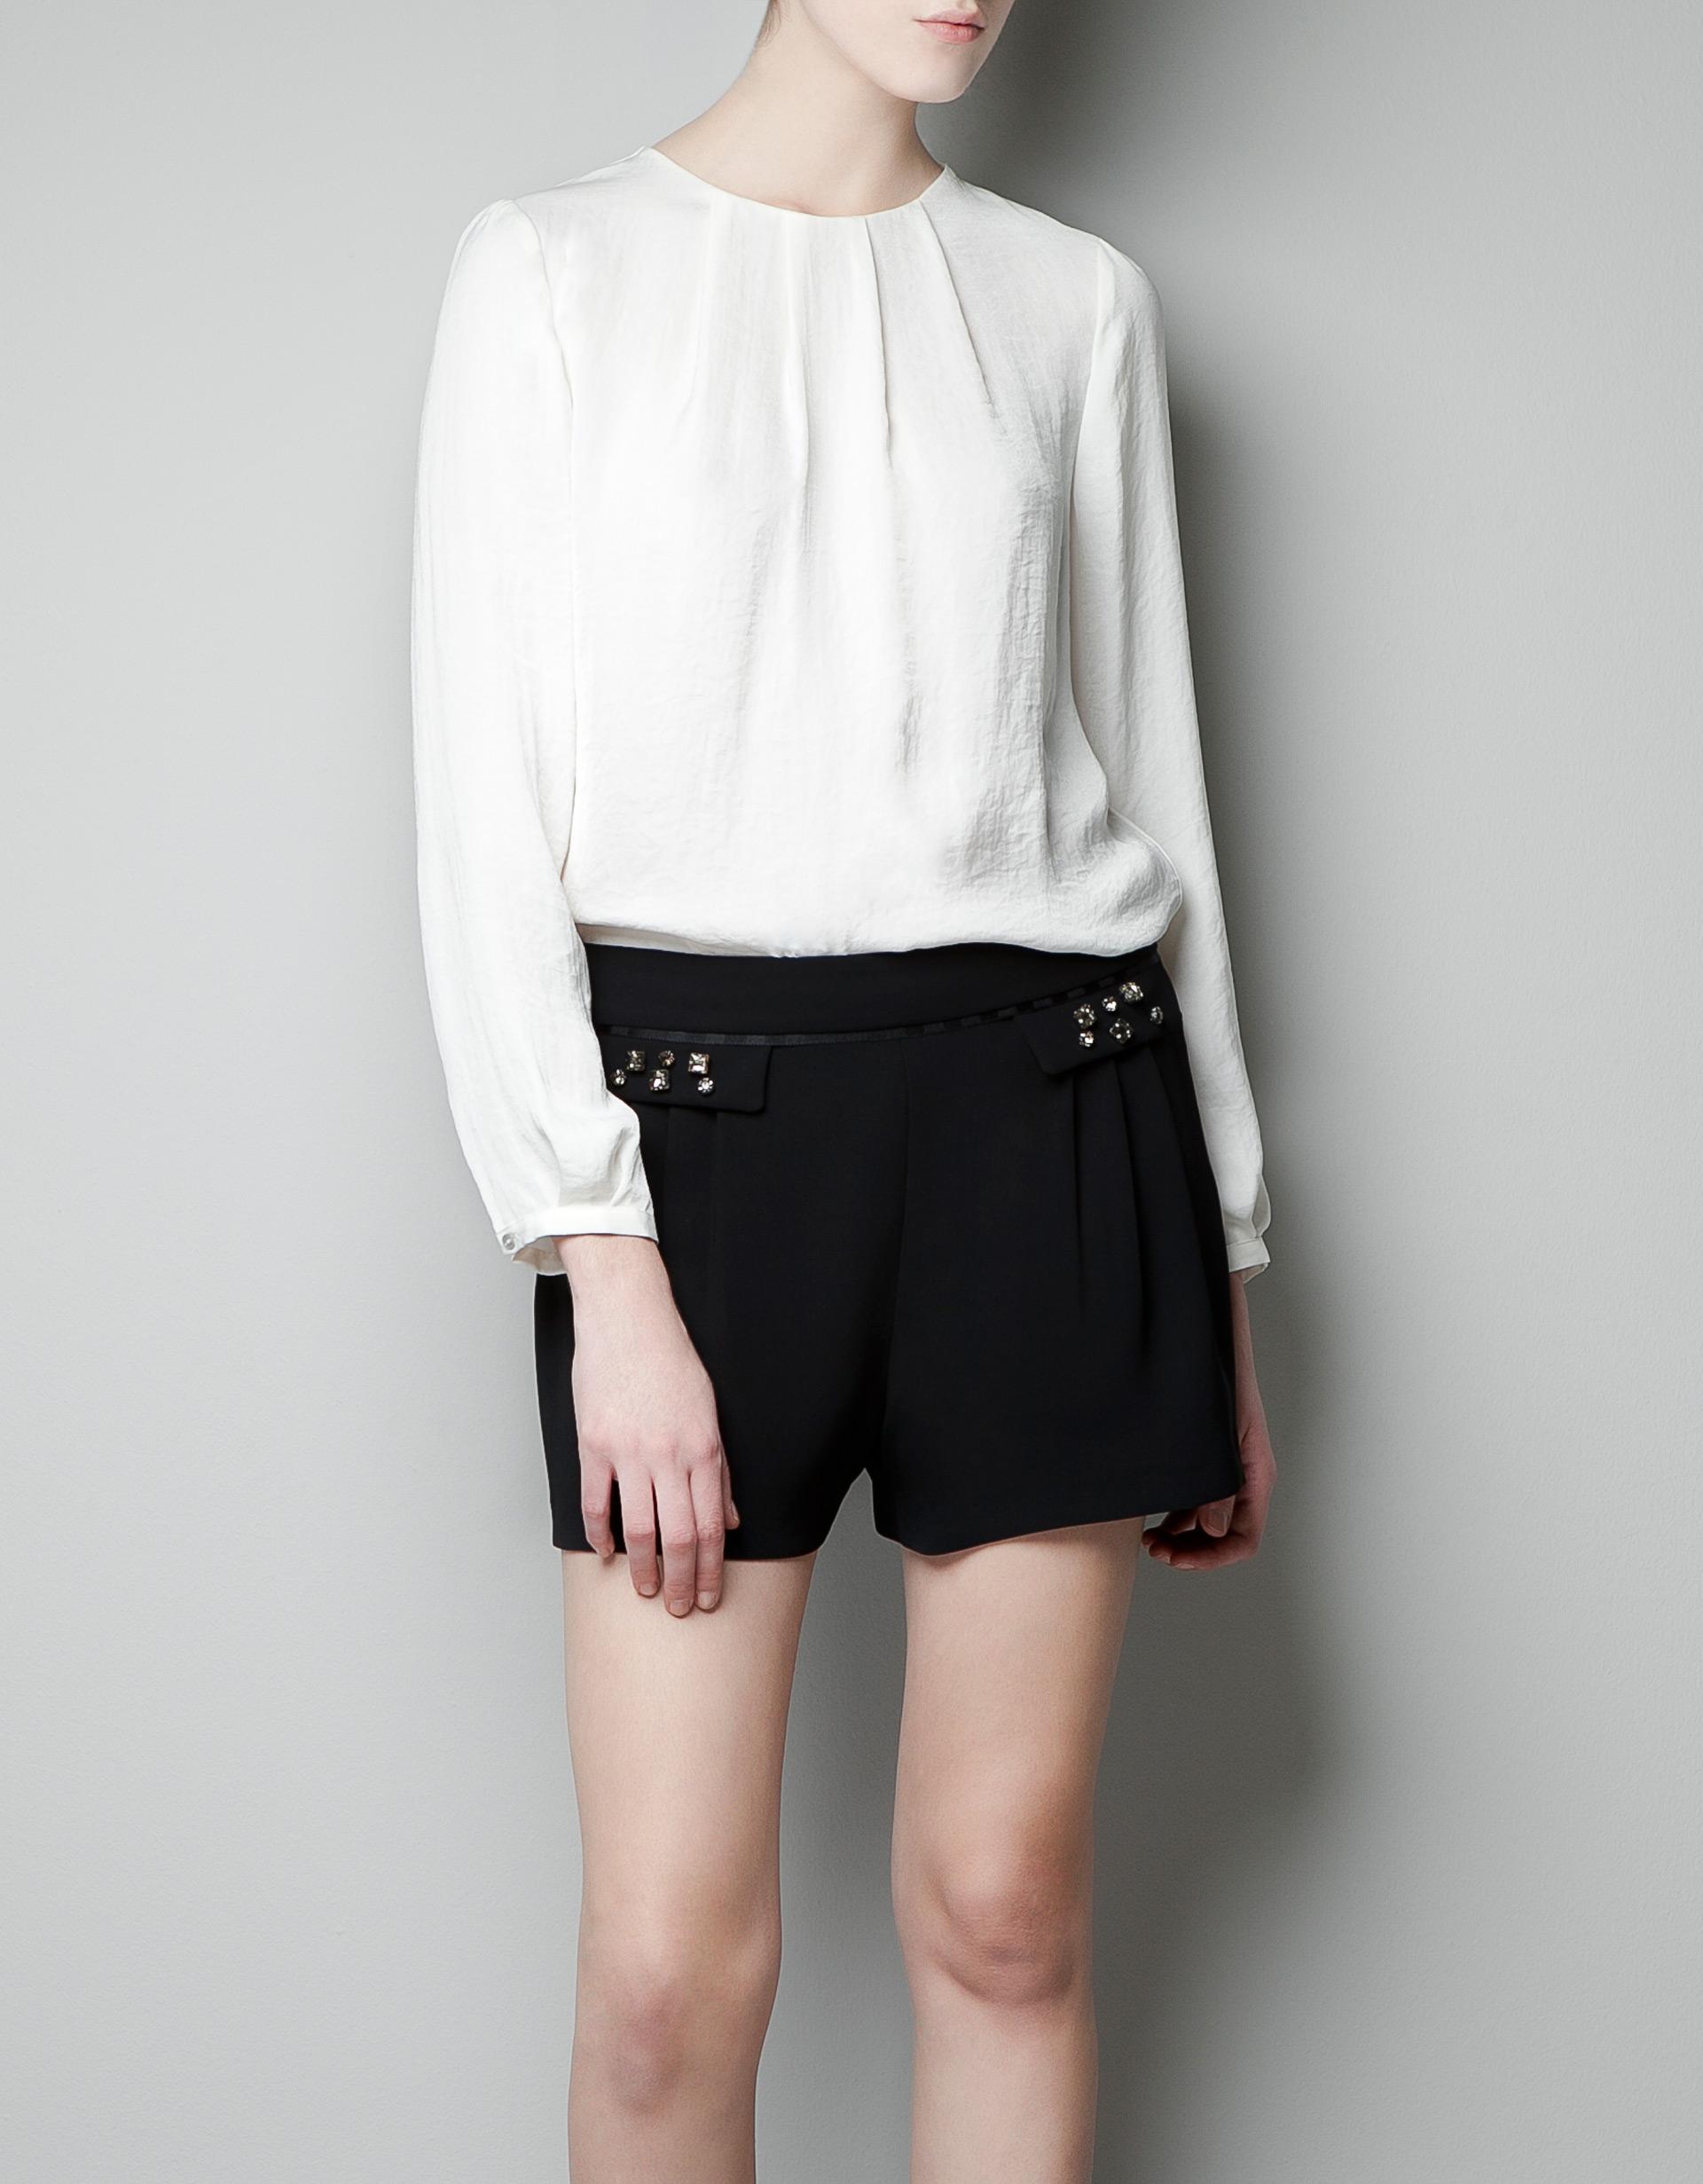 Zara White Blouse 27